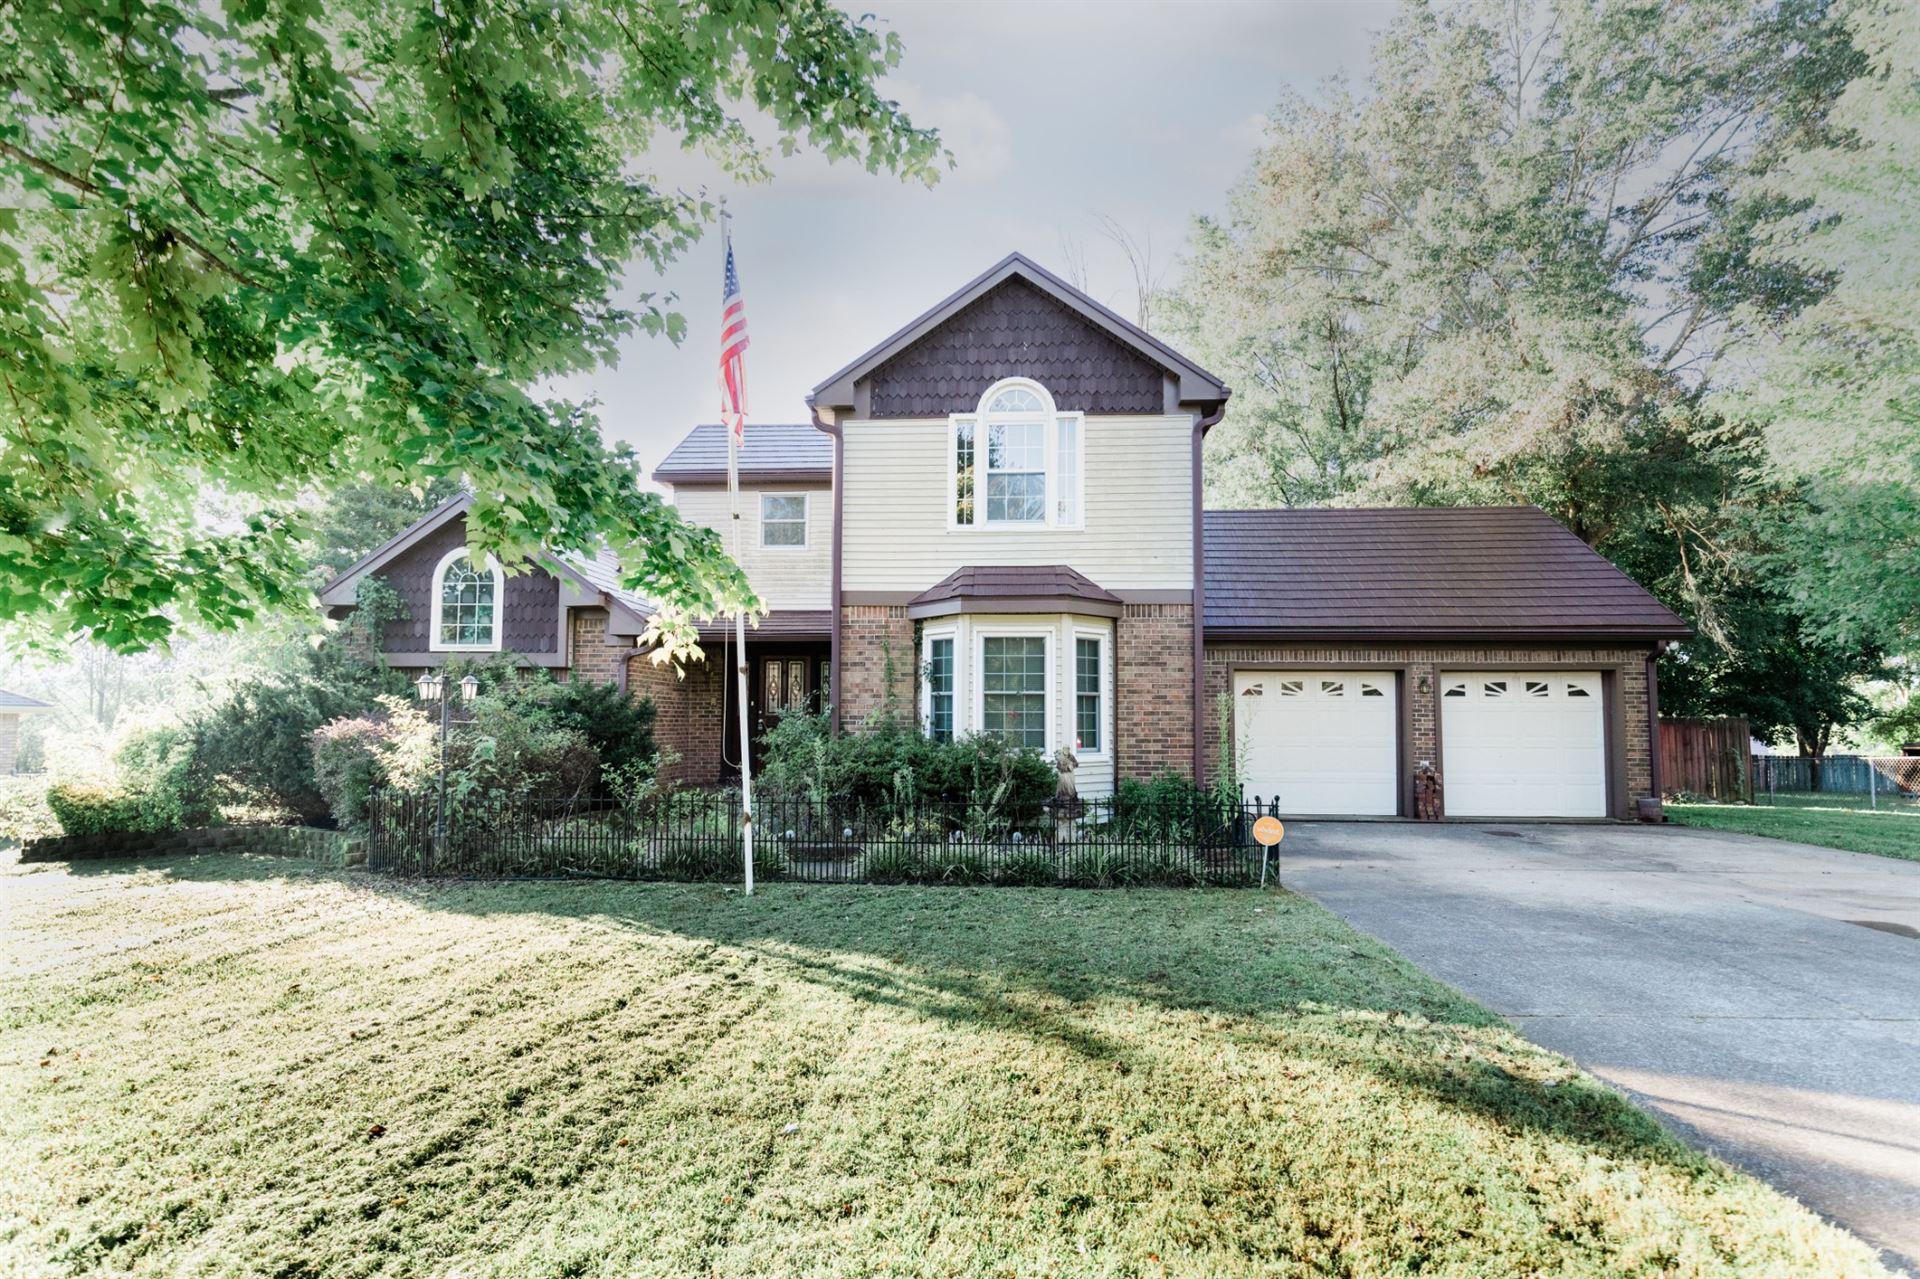 502 Brentwood Cir, Clarksville, TN 37042 - MLS#: 2294567